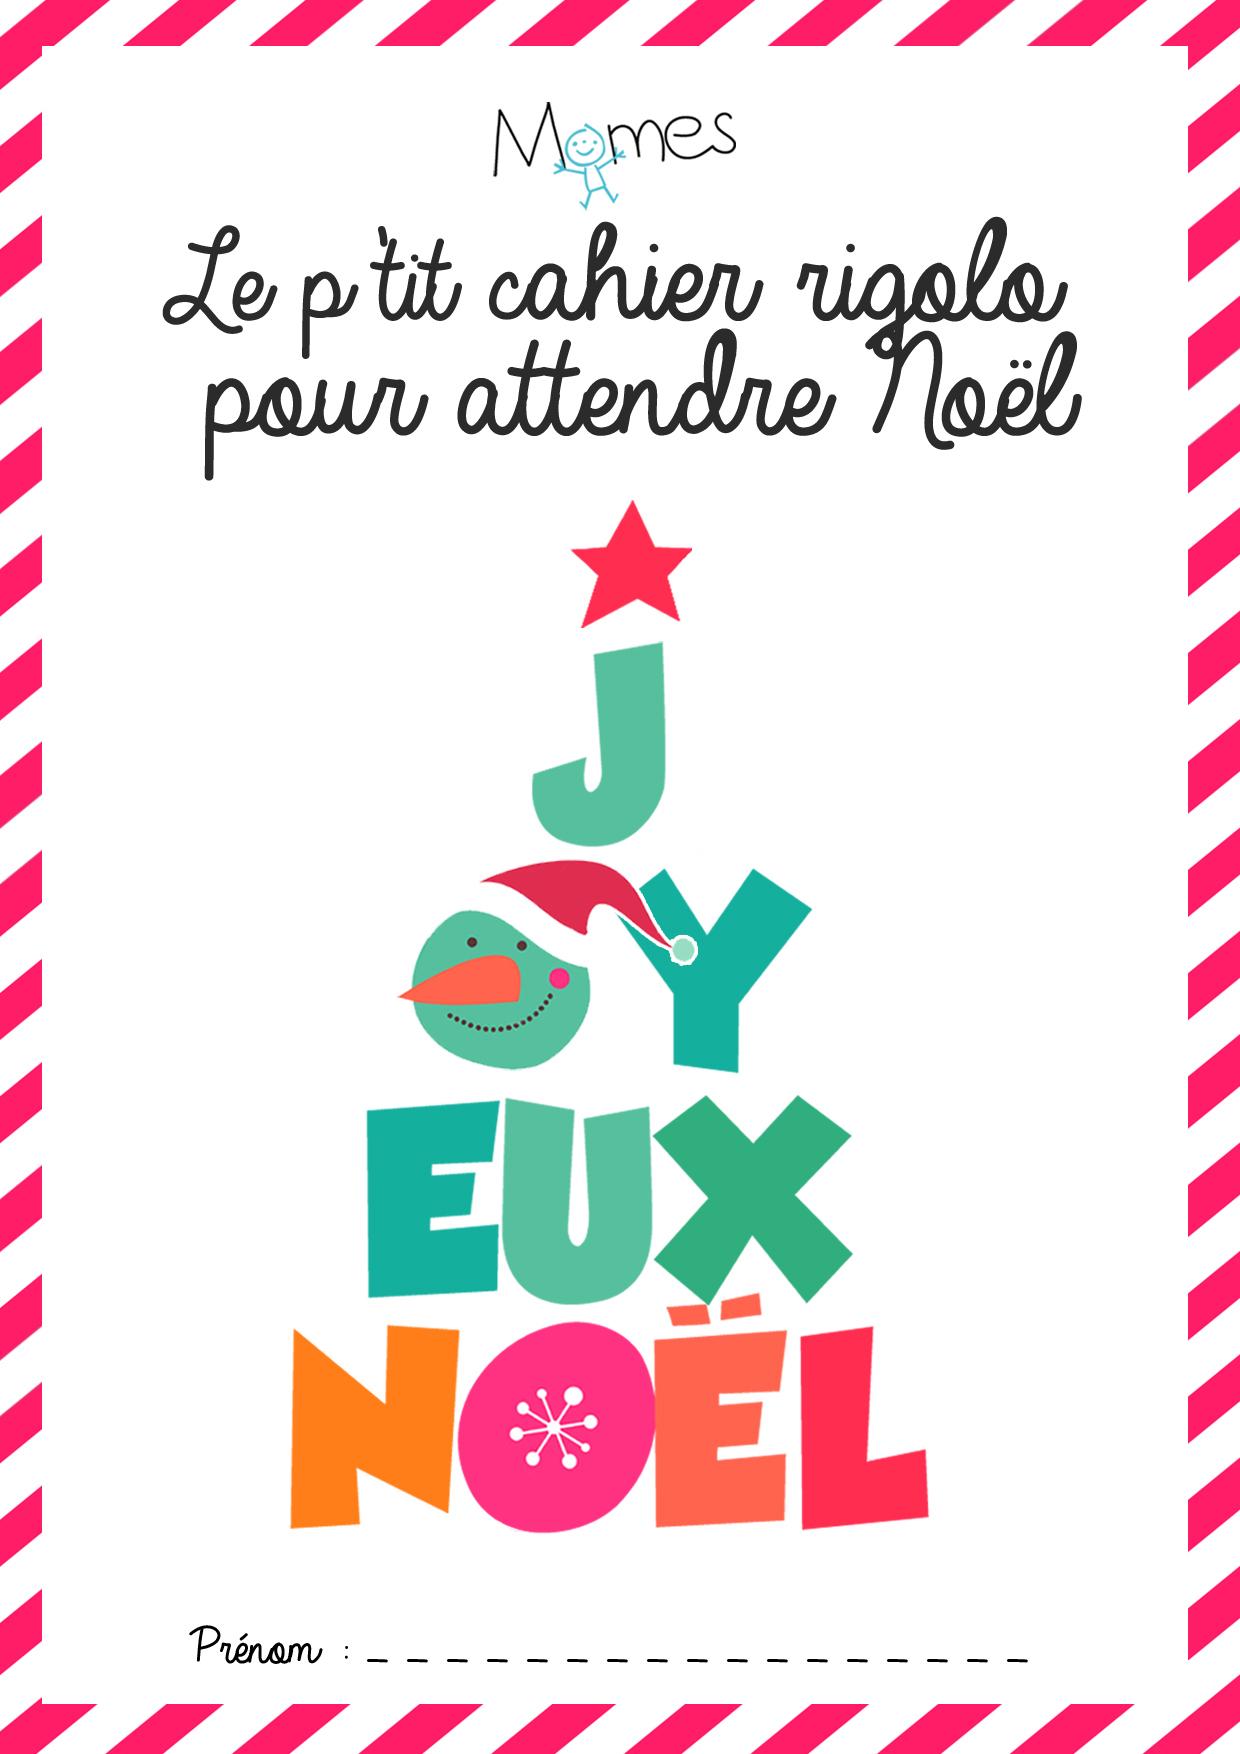 Le Cahier D'activités De Noël À Imprimer - Momes dedans Cahier De Vacances Maternelle À Imprimer